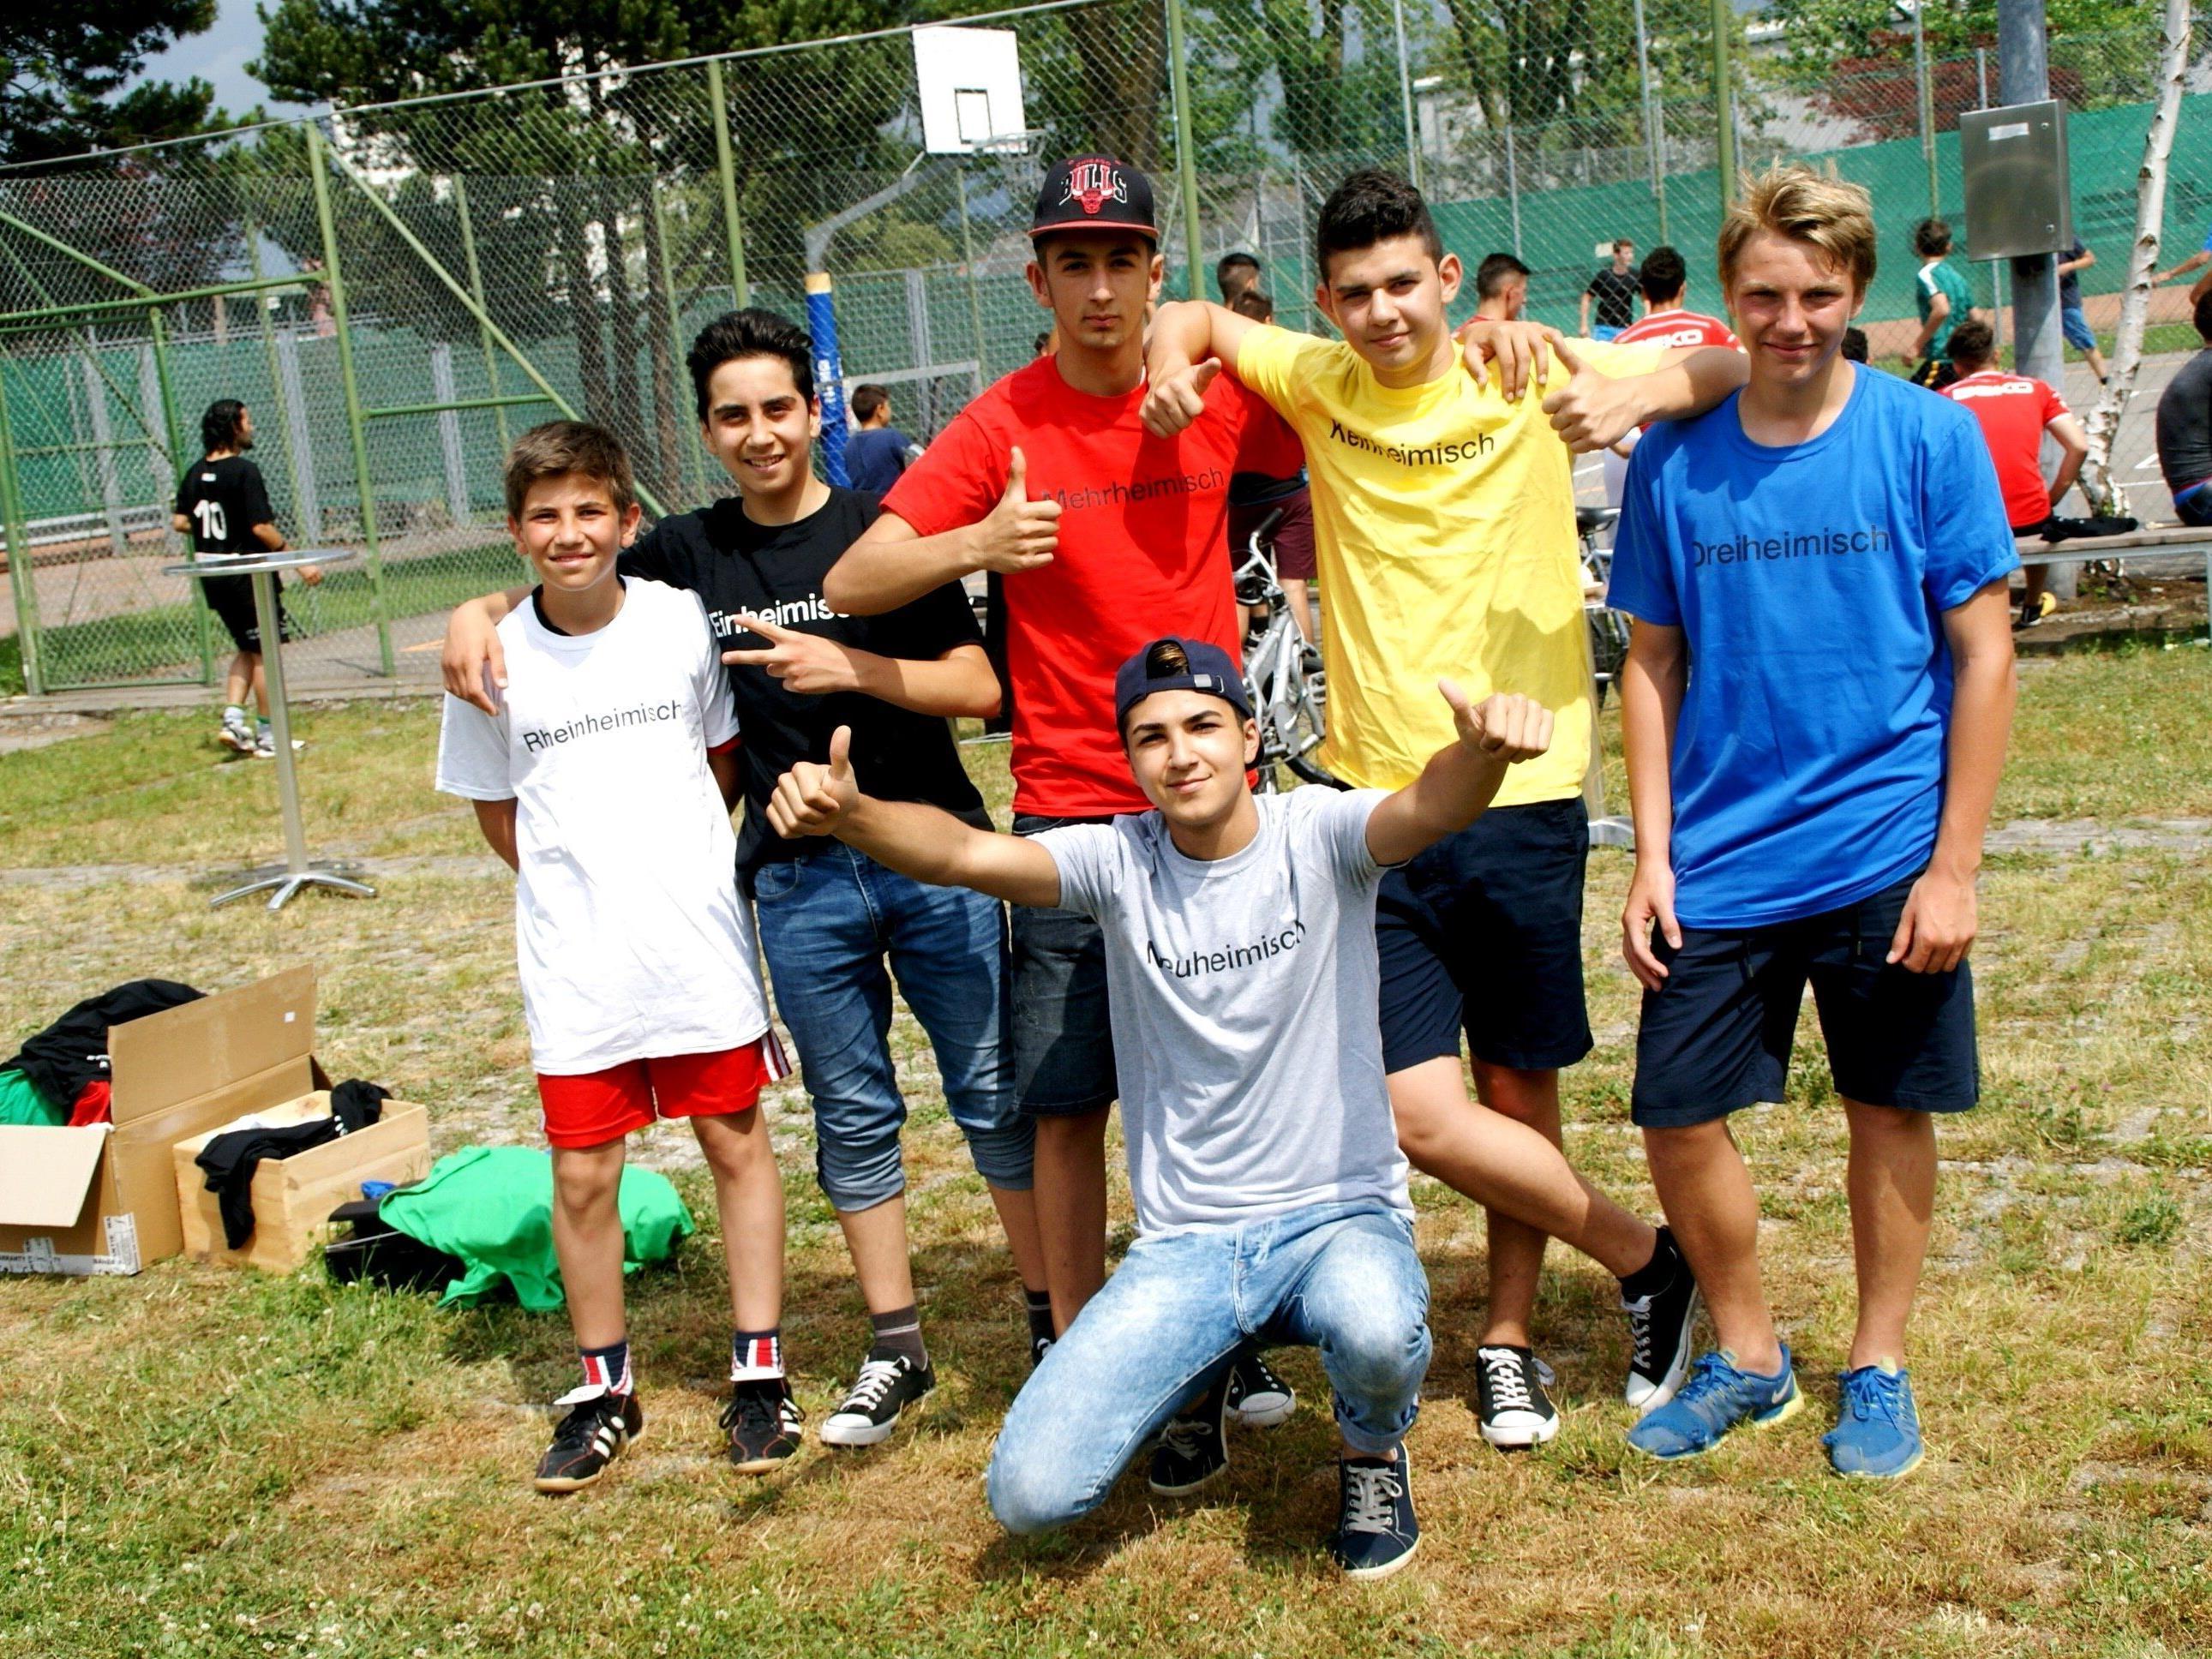 Fremdheimisch und Einheimisch spielten Fußball!